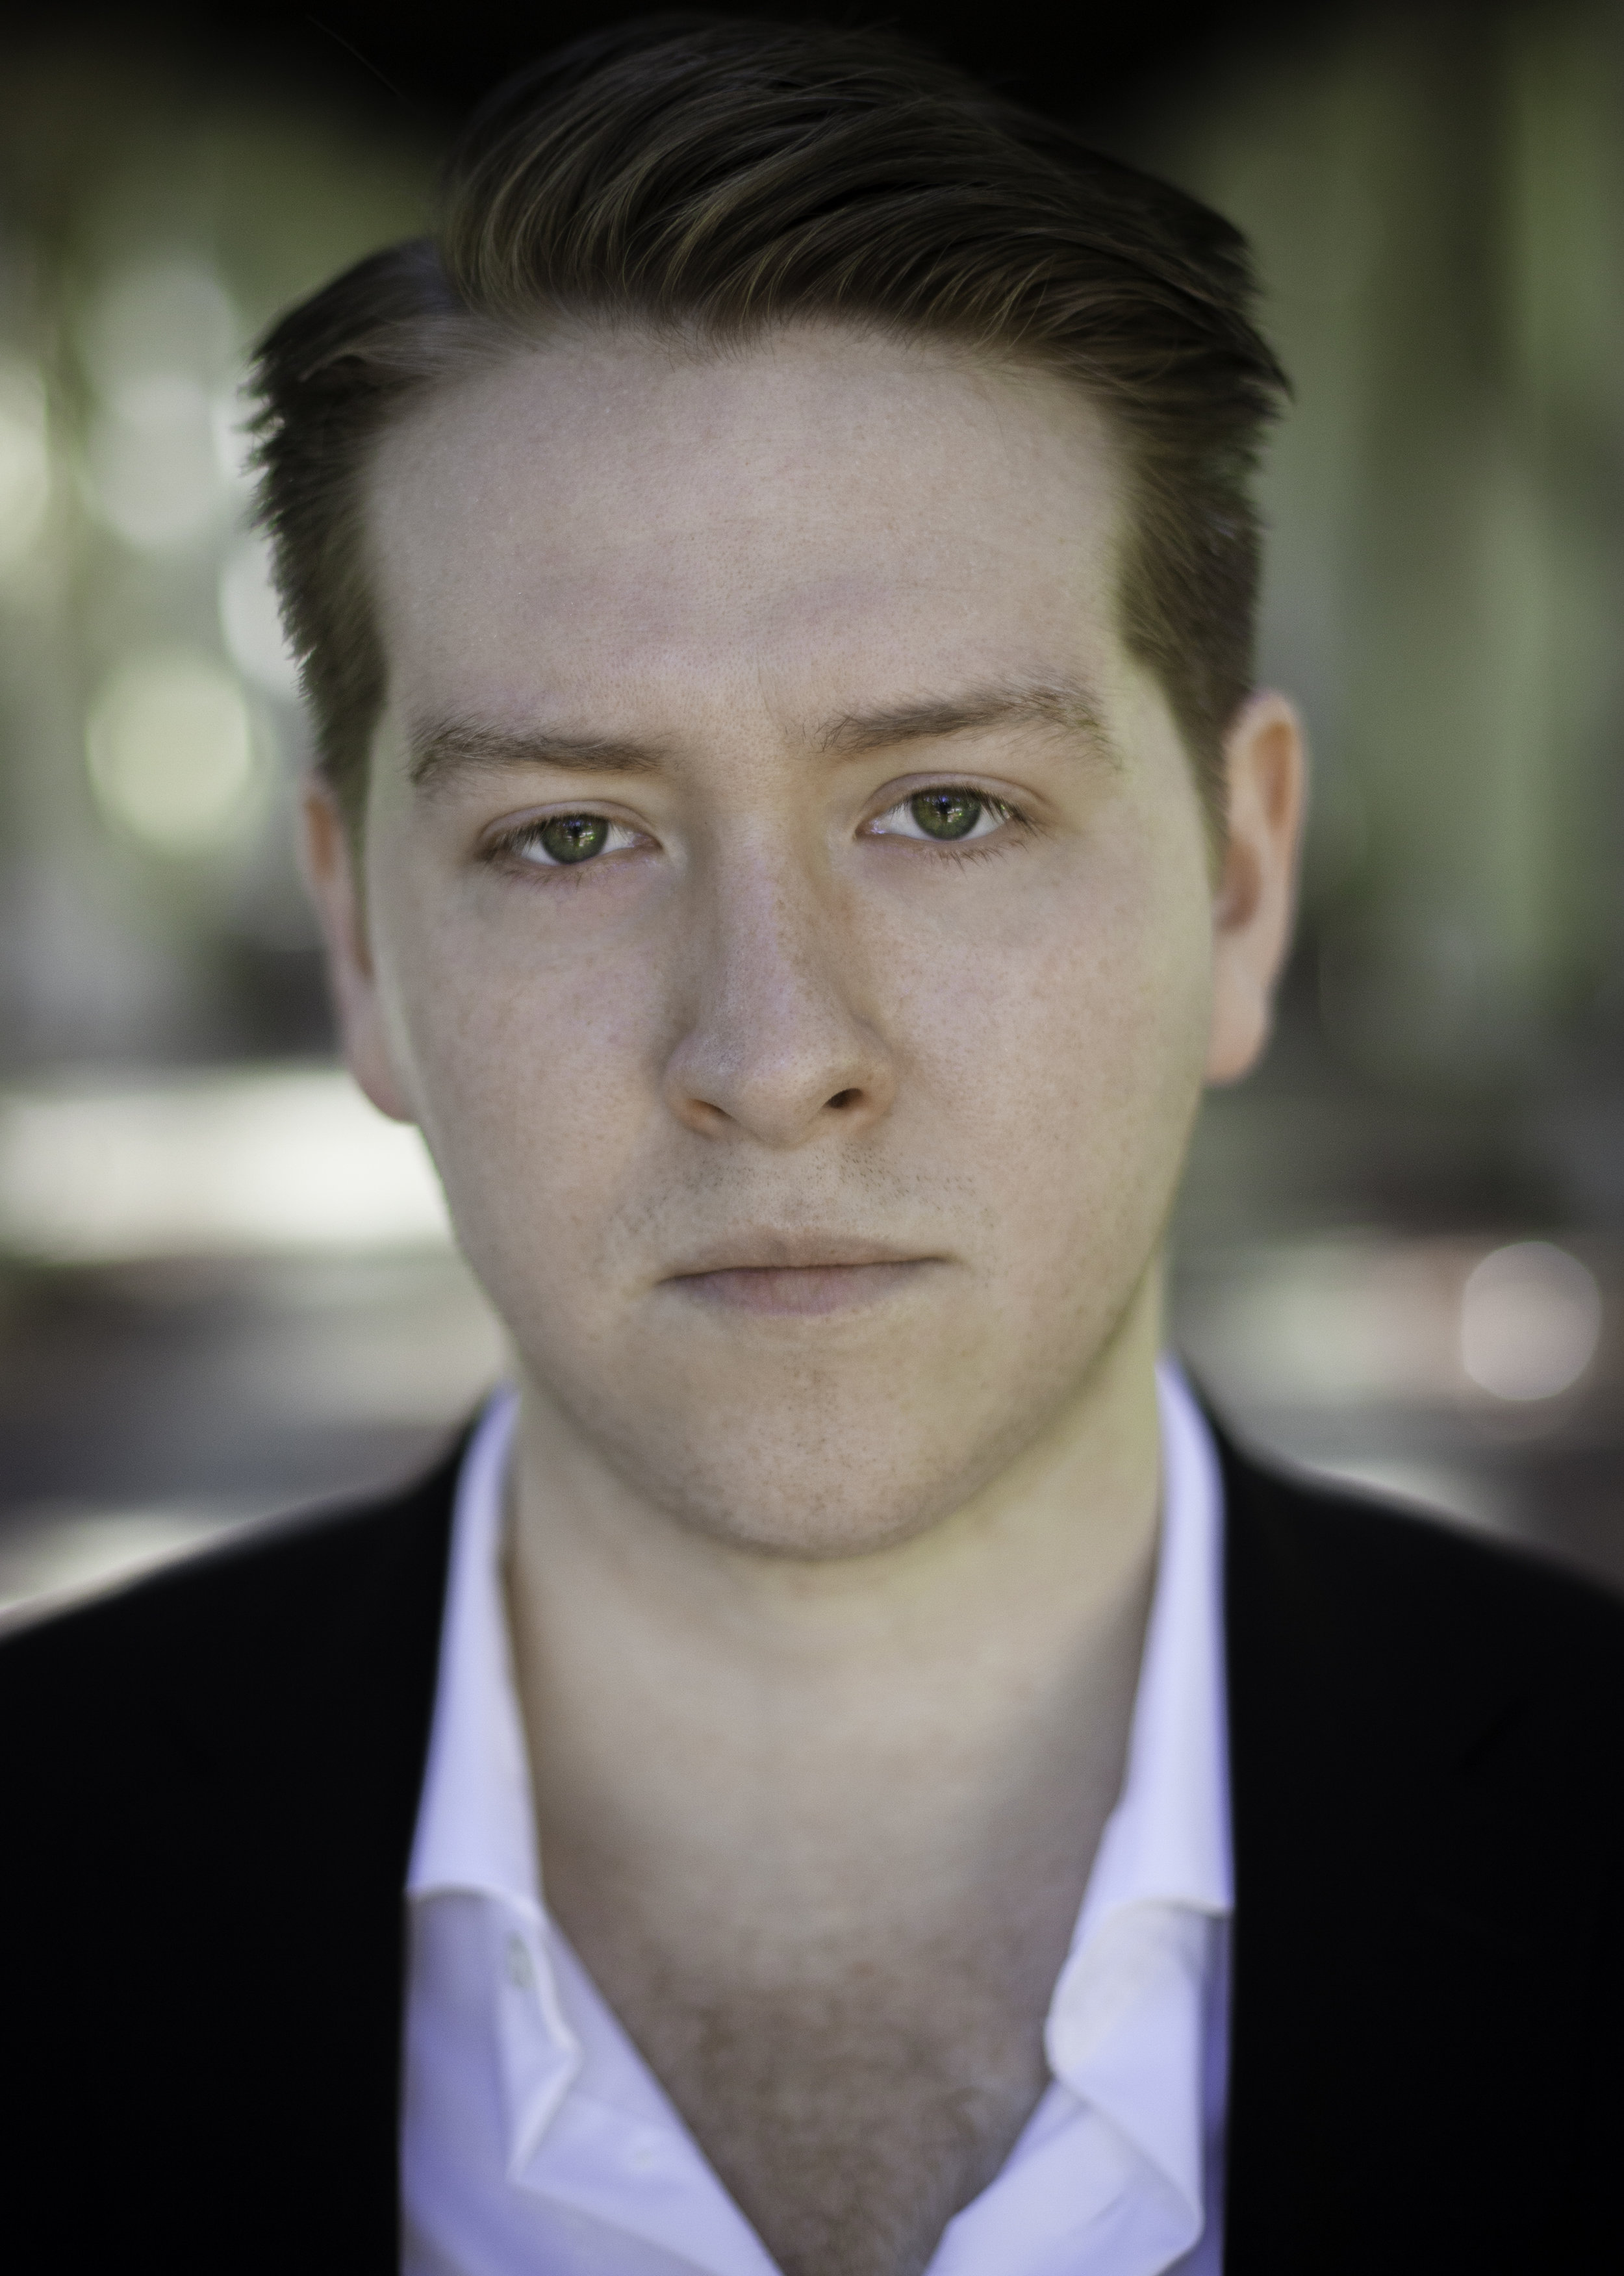 Ian Burns - Baritone